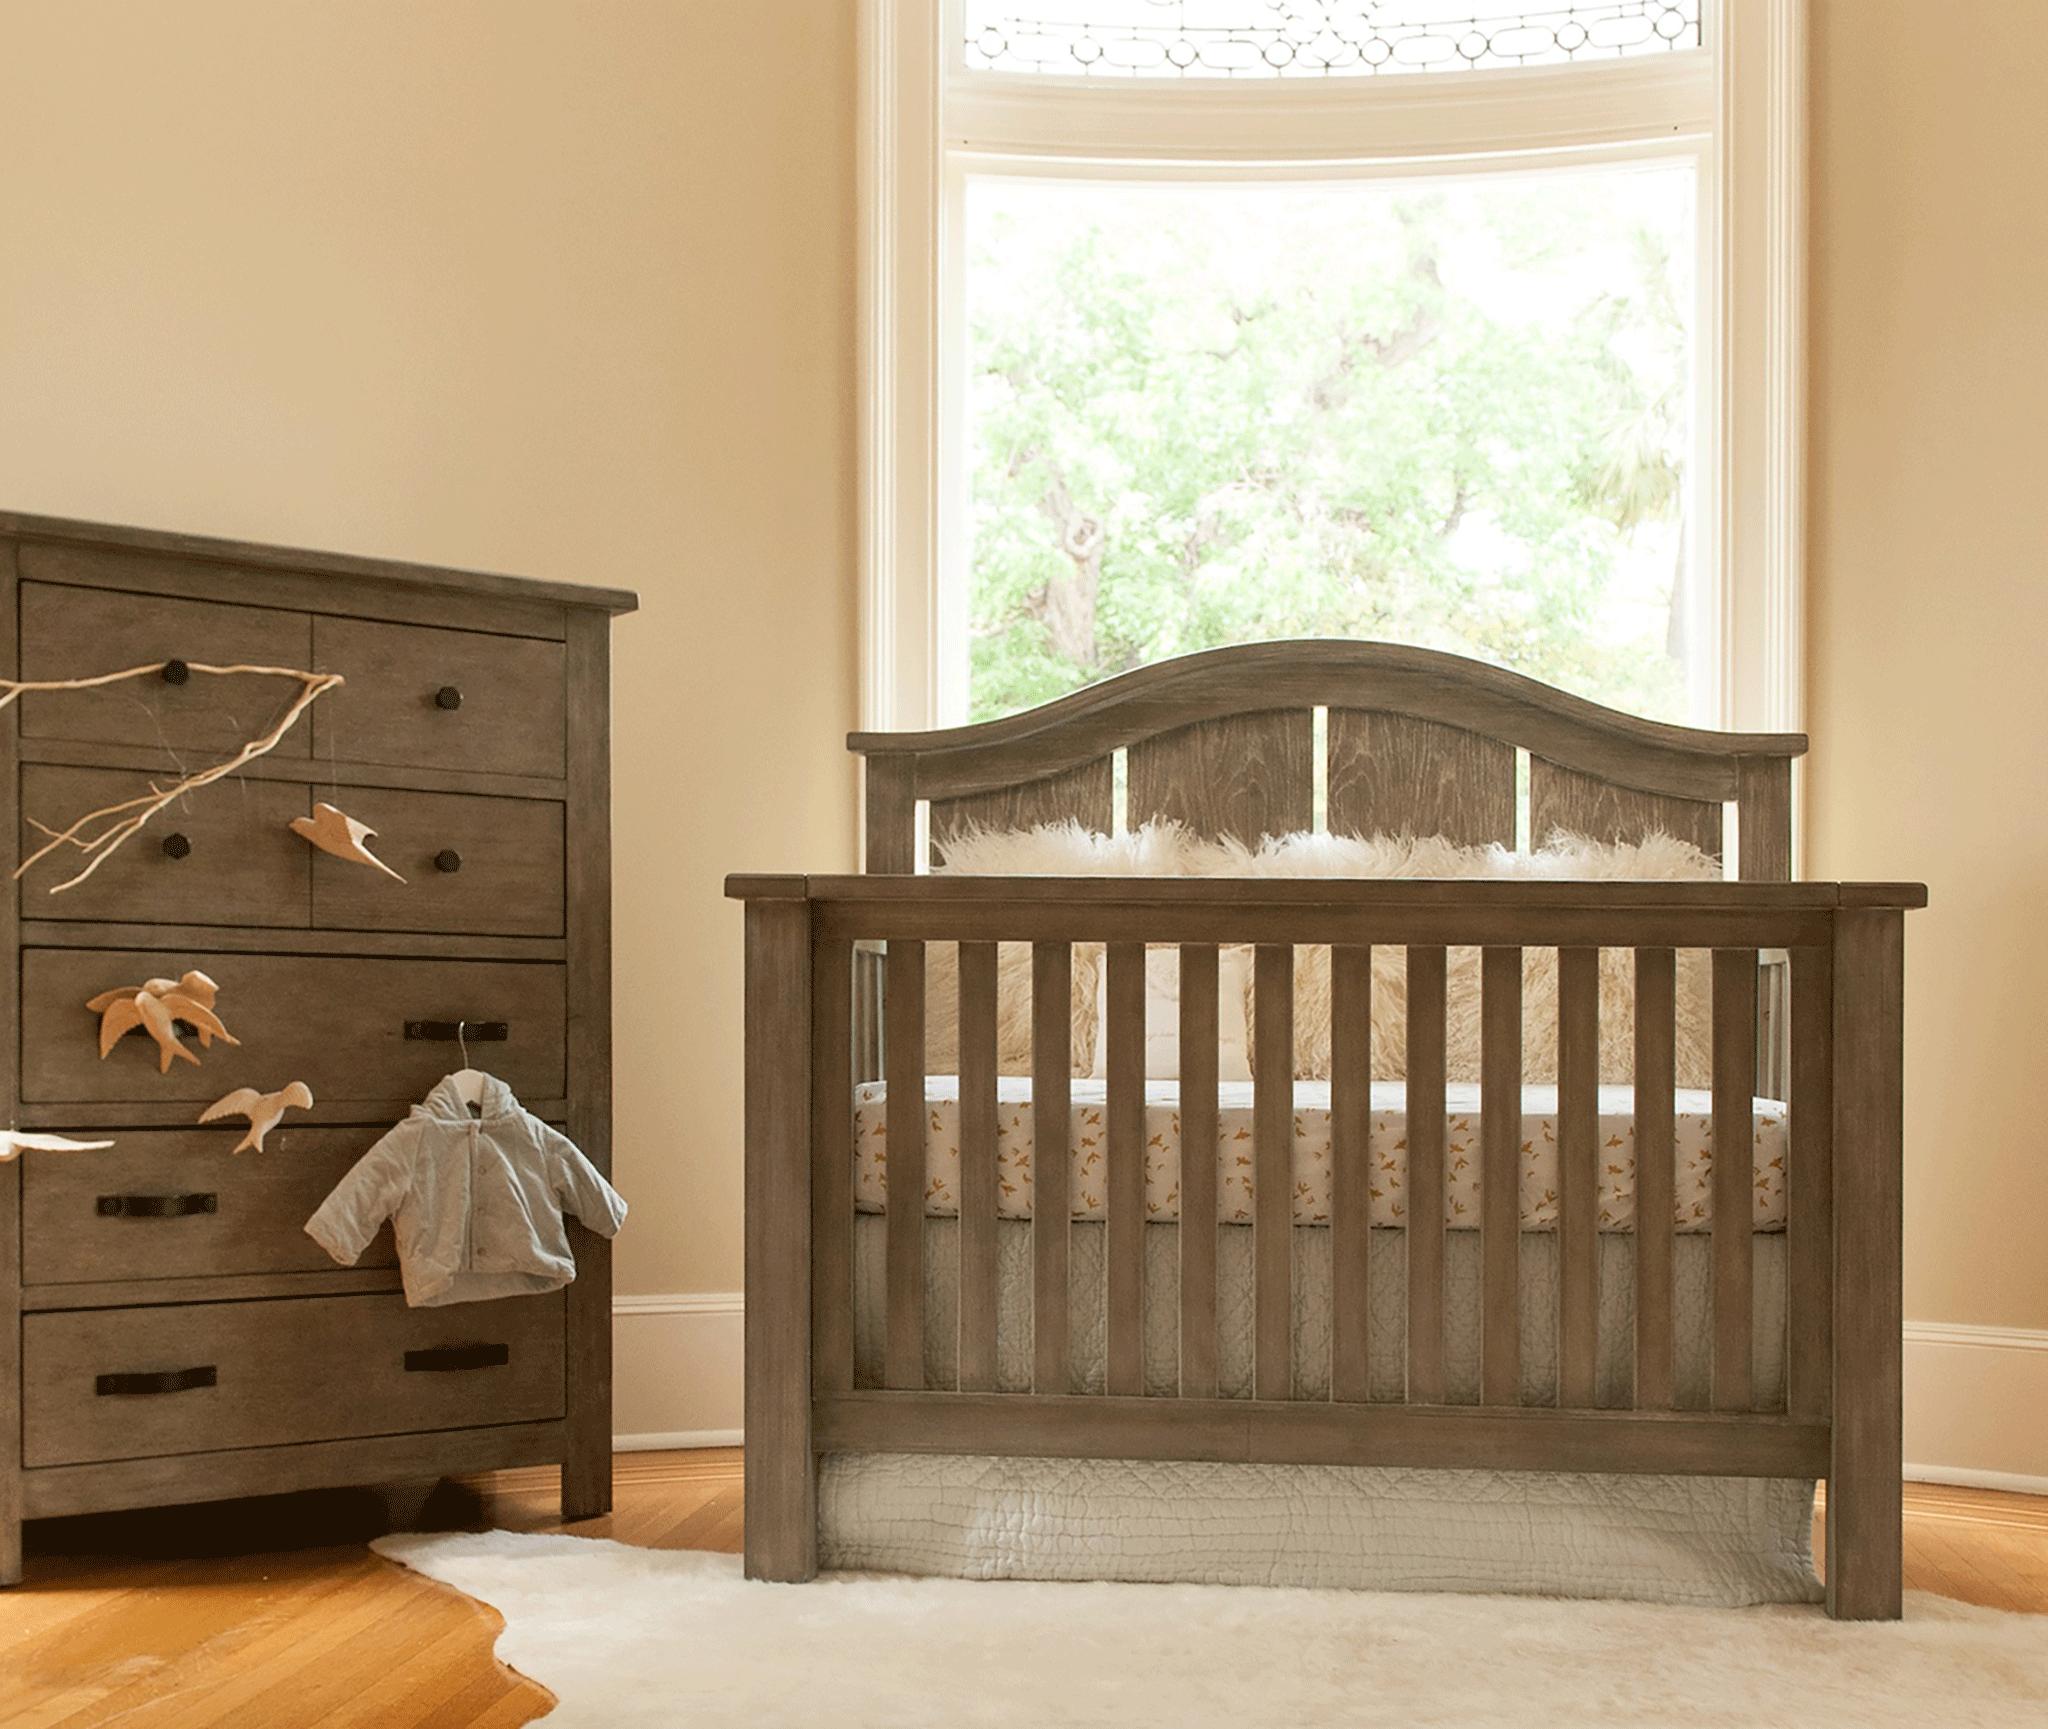 Relic Arch Crib